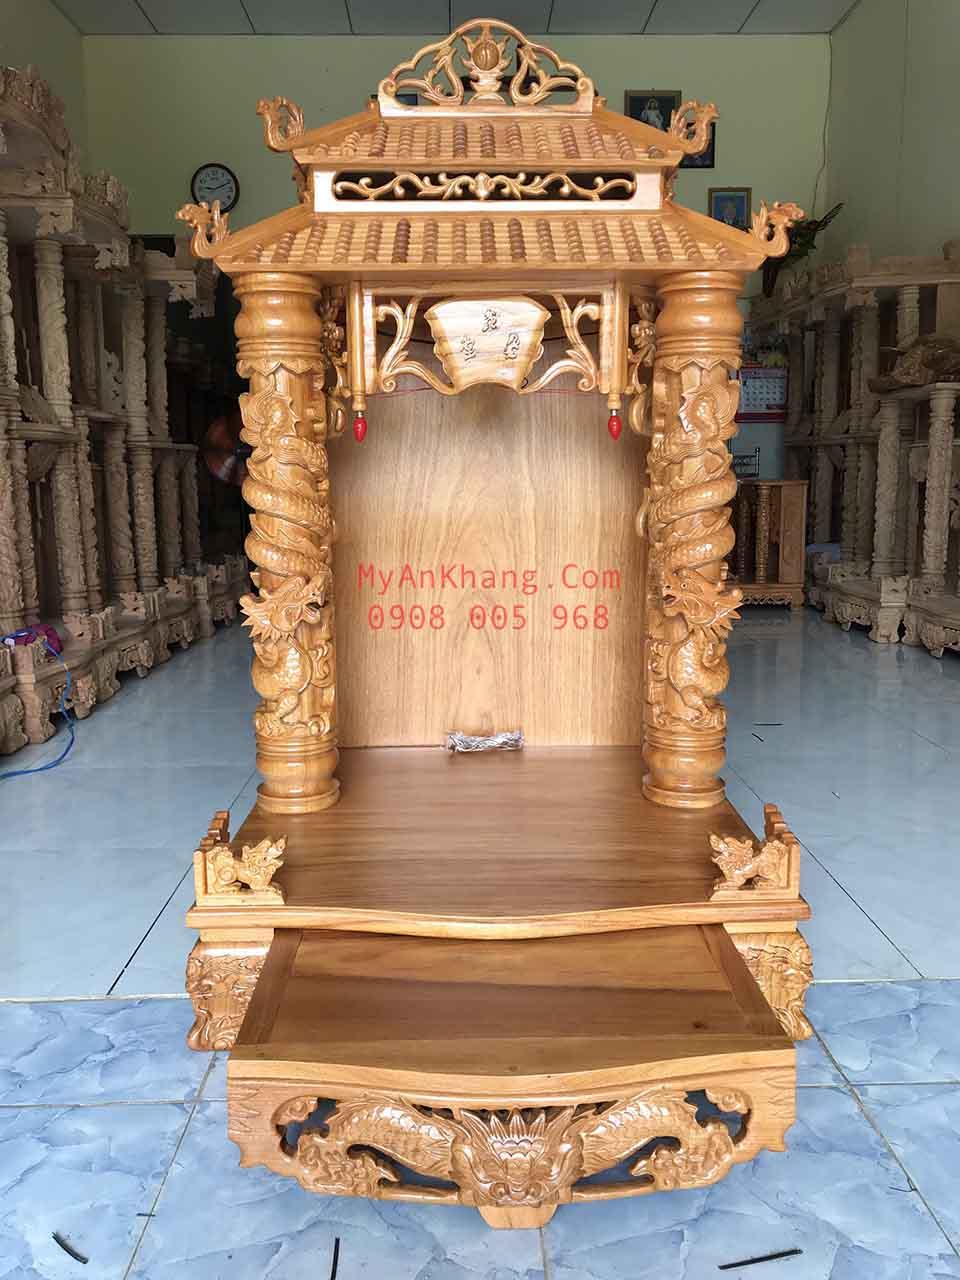 Bàn thờ ông địa thần tài mái chùa gõ đỏ 81 x 81 x 147 cm